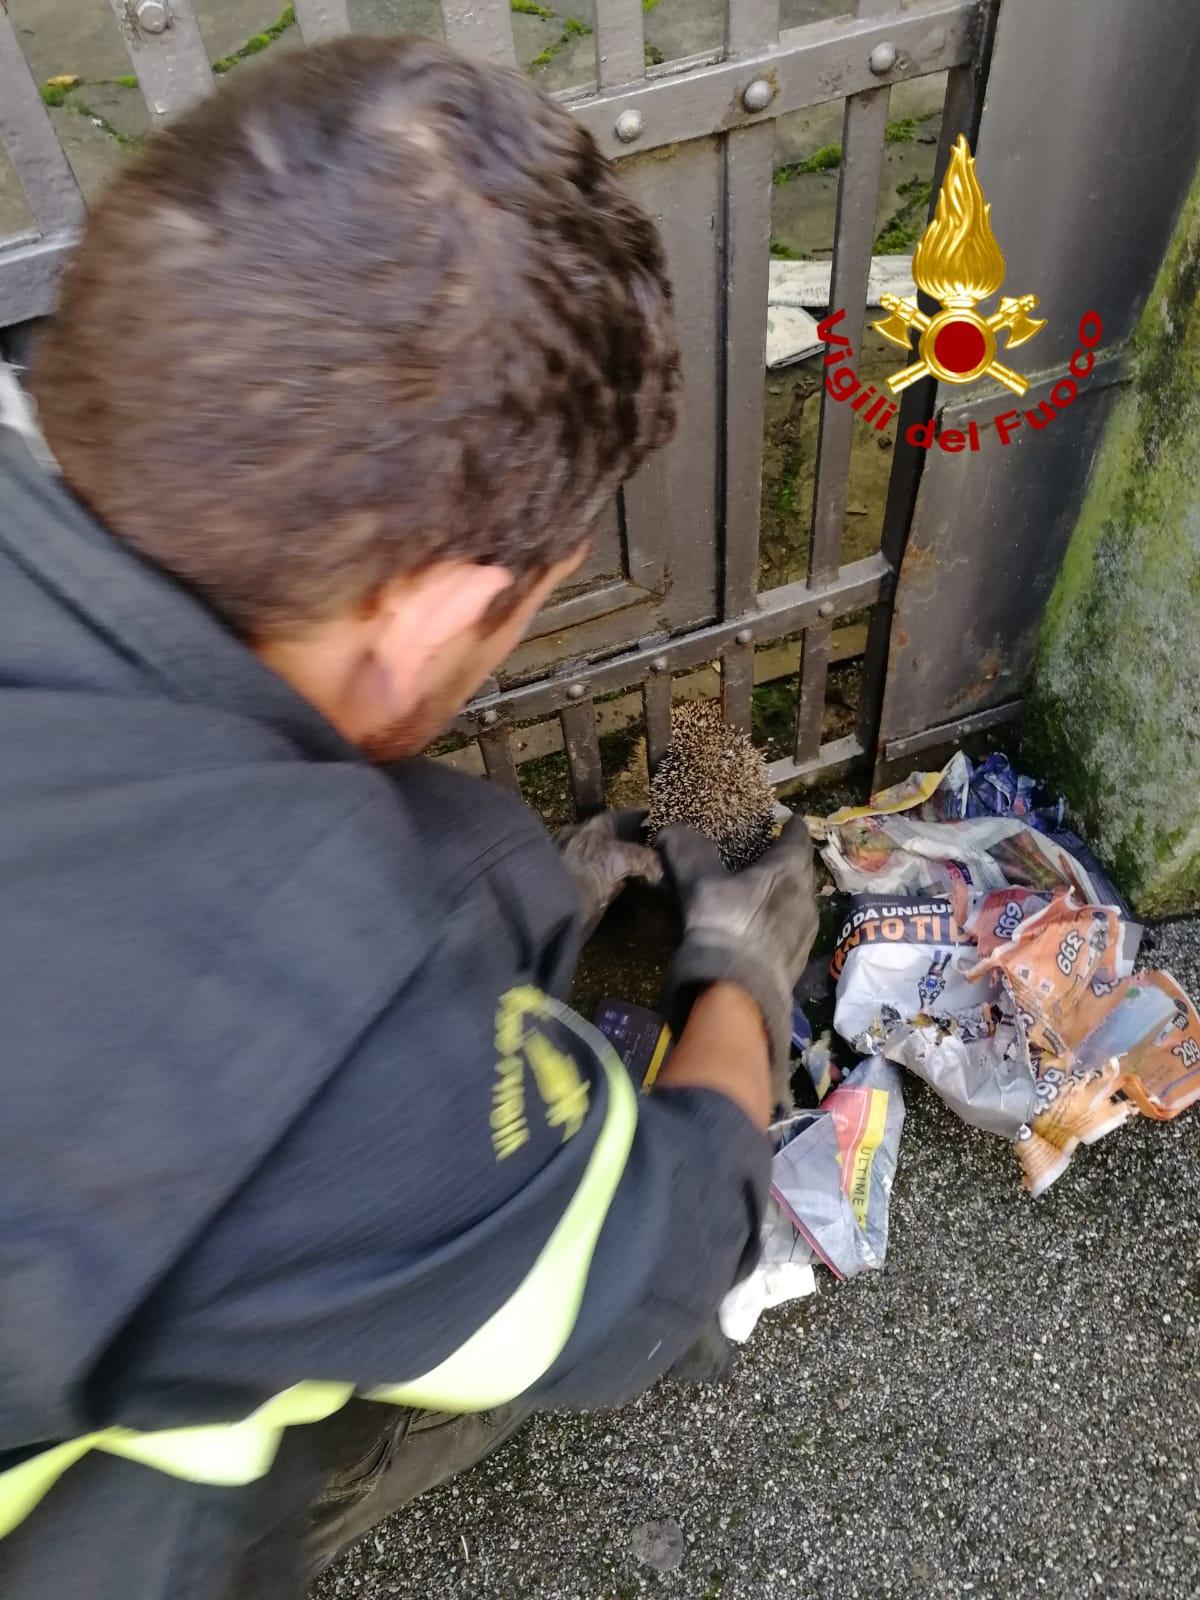 Avventura a lieto fine per il riccio rimasto incastrato in un cancello